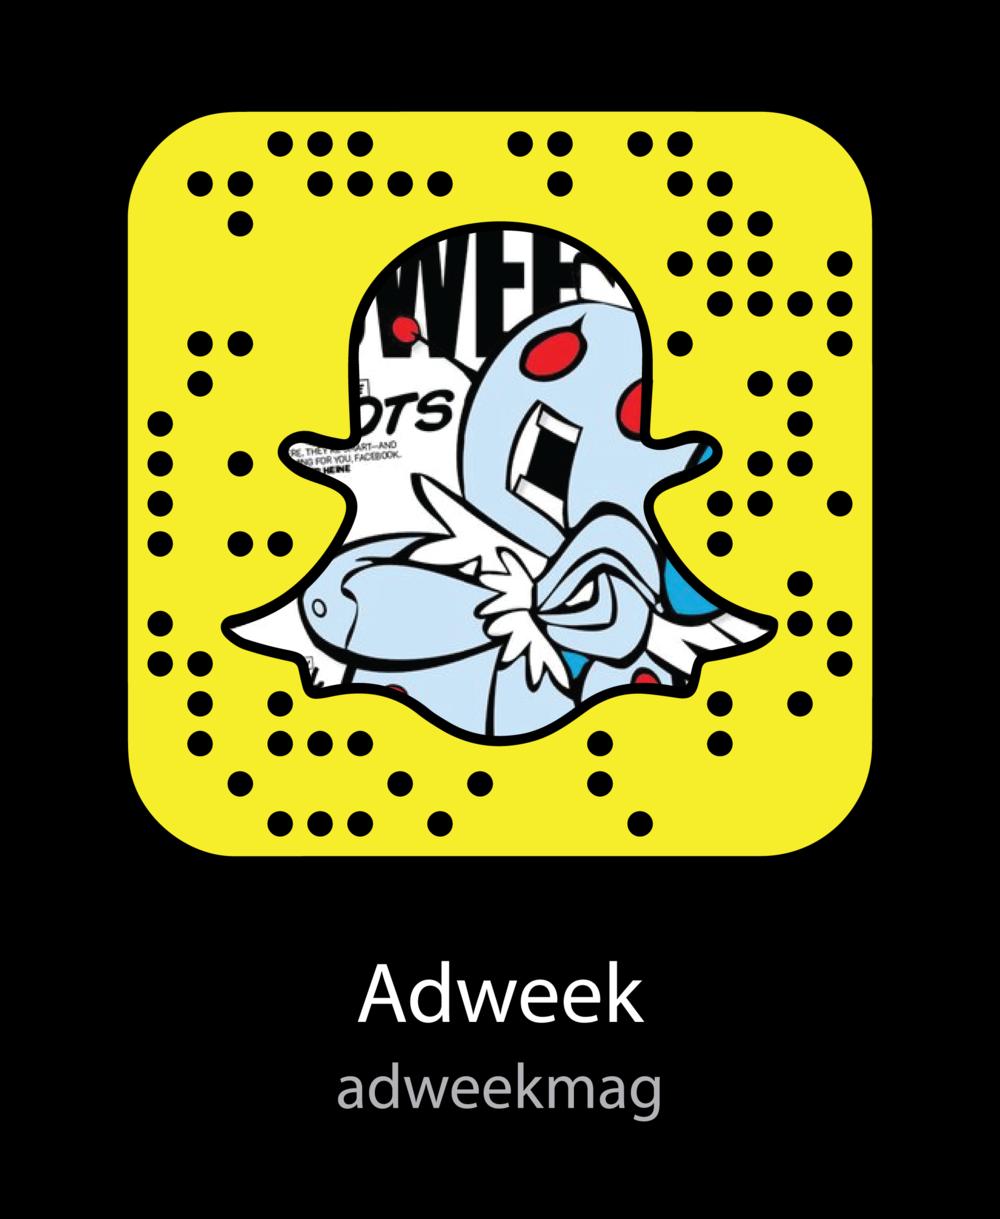 adweekmag-snapchat-snapcode.png